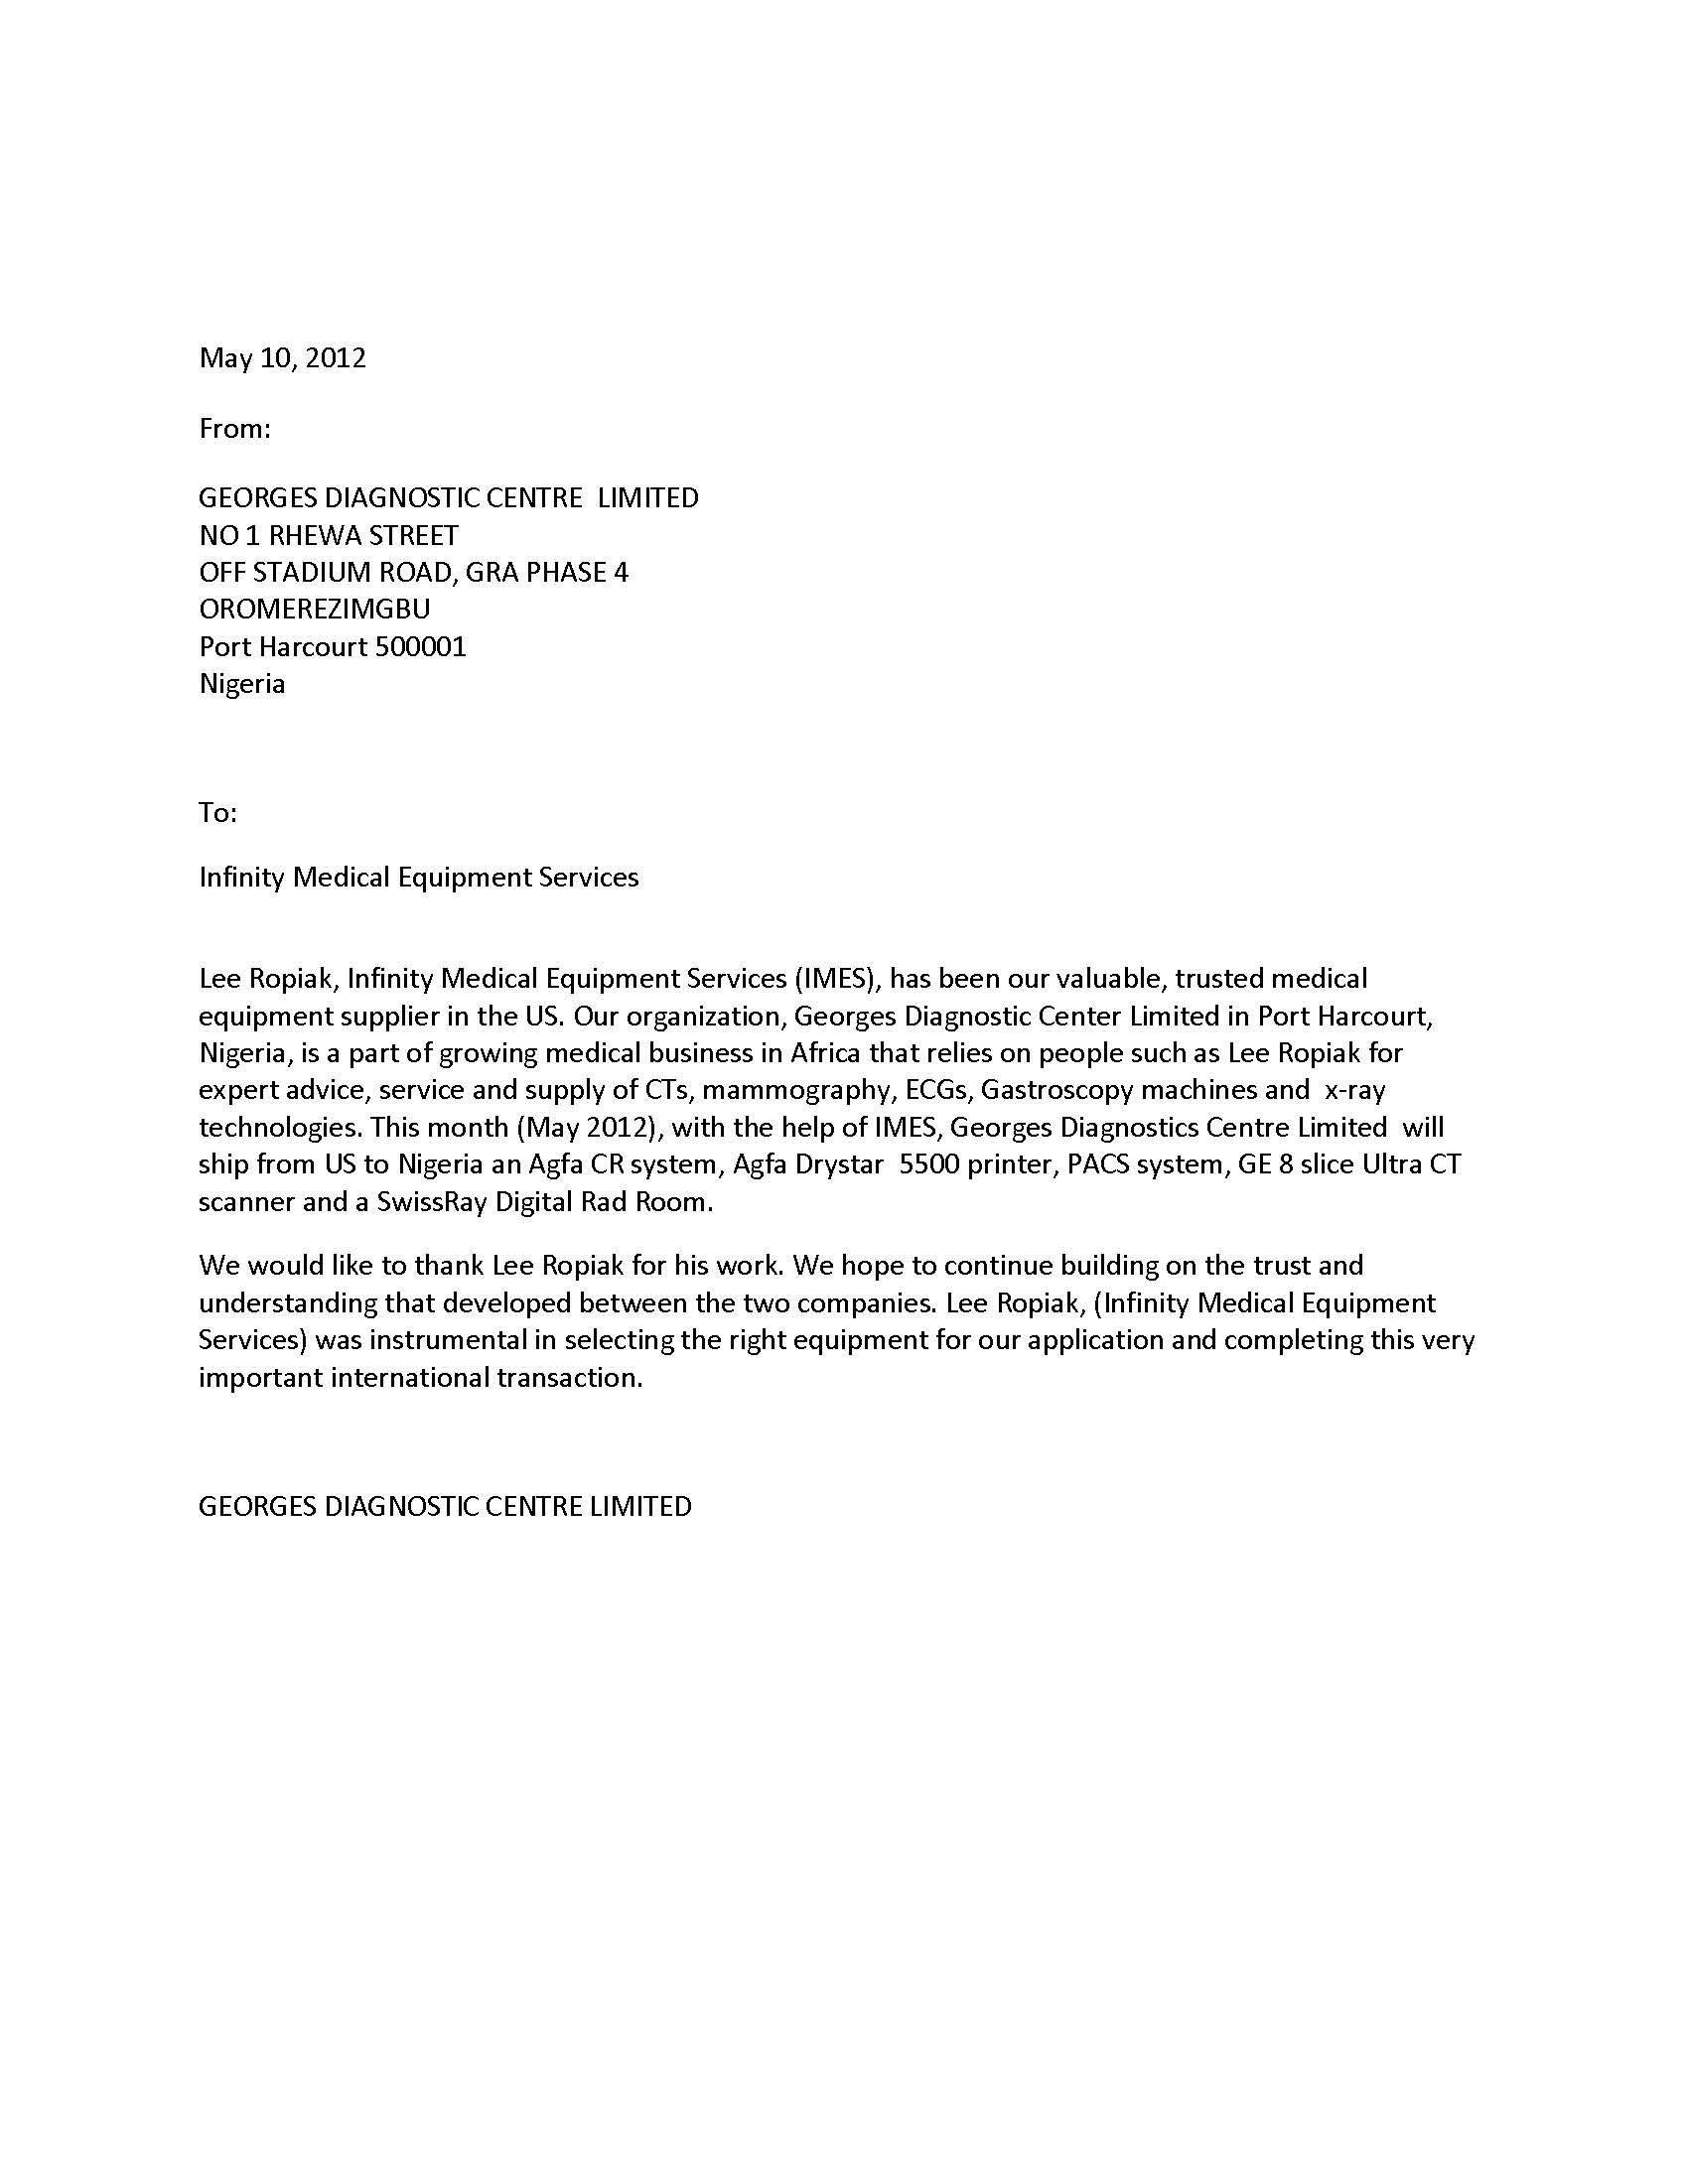 100 cover letter sample for nursing job cover letter rn sample cover letter for nursery nurse job madrichimfo Gallery